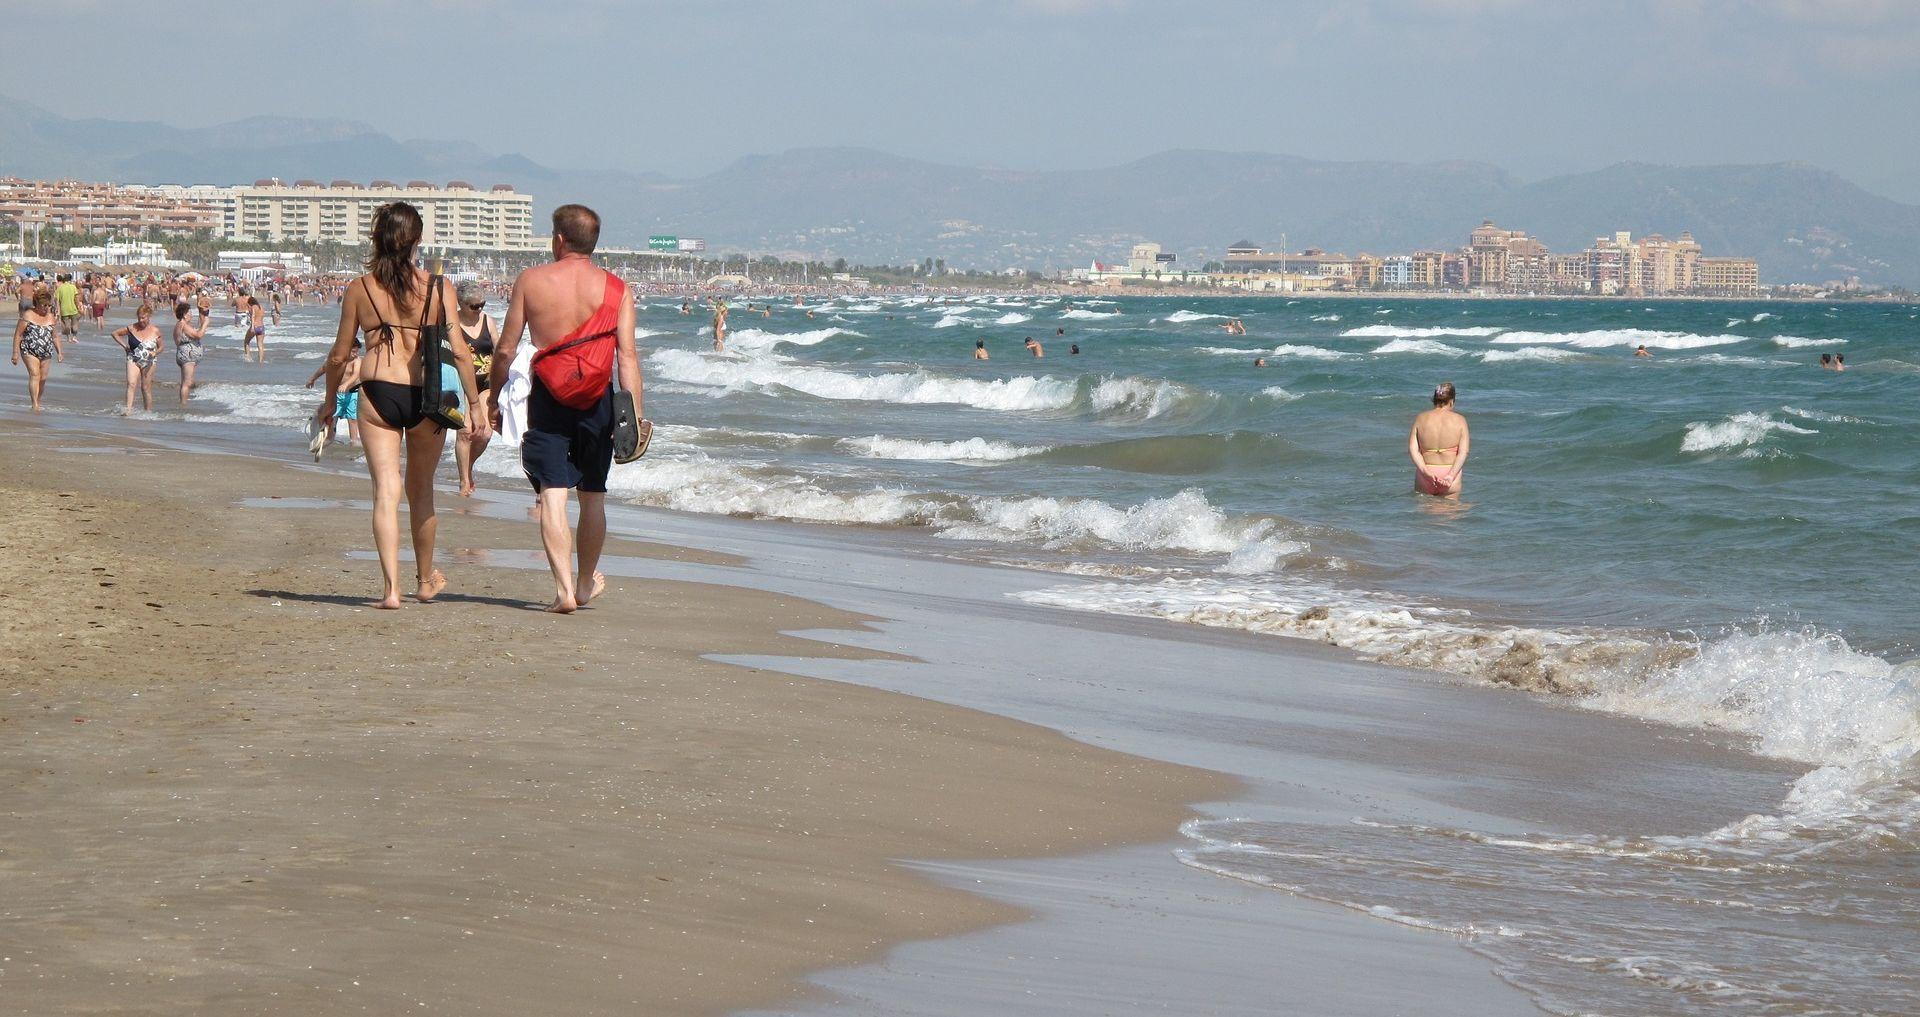 Nakon izvanredne ljetne sezone, Španjolsku brine budućnost turizma